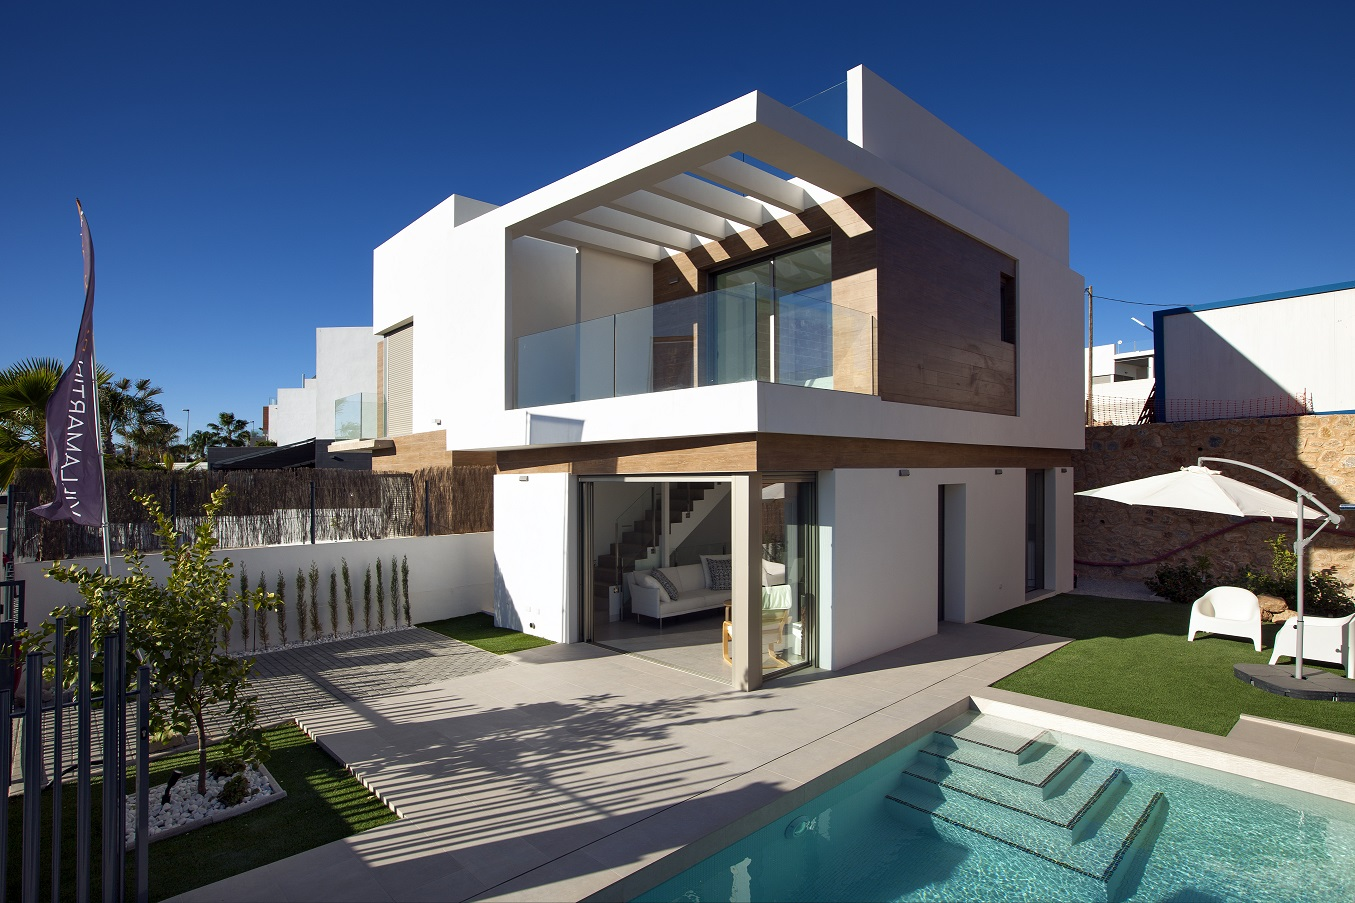 Villas independientes en venta con piscina privada, Villamartín